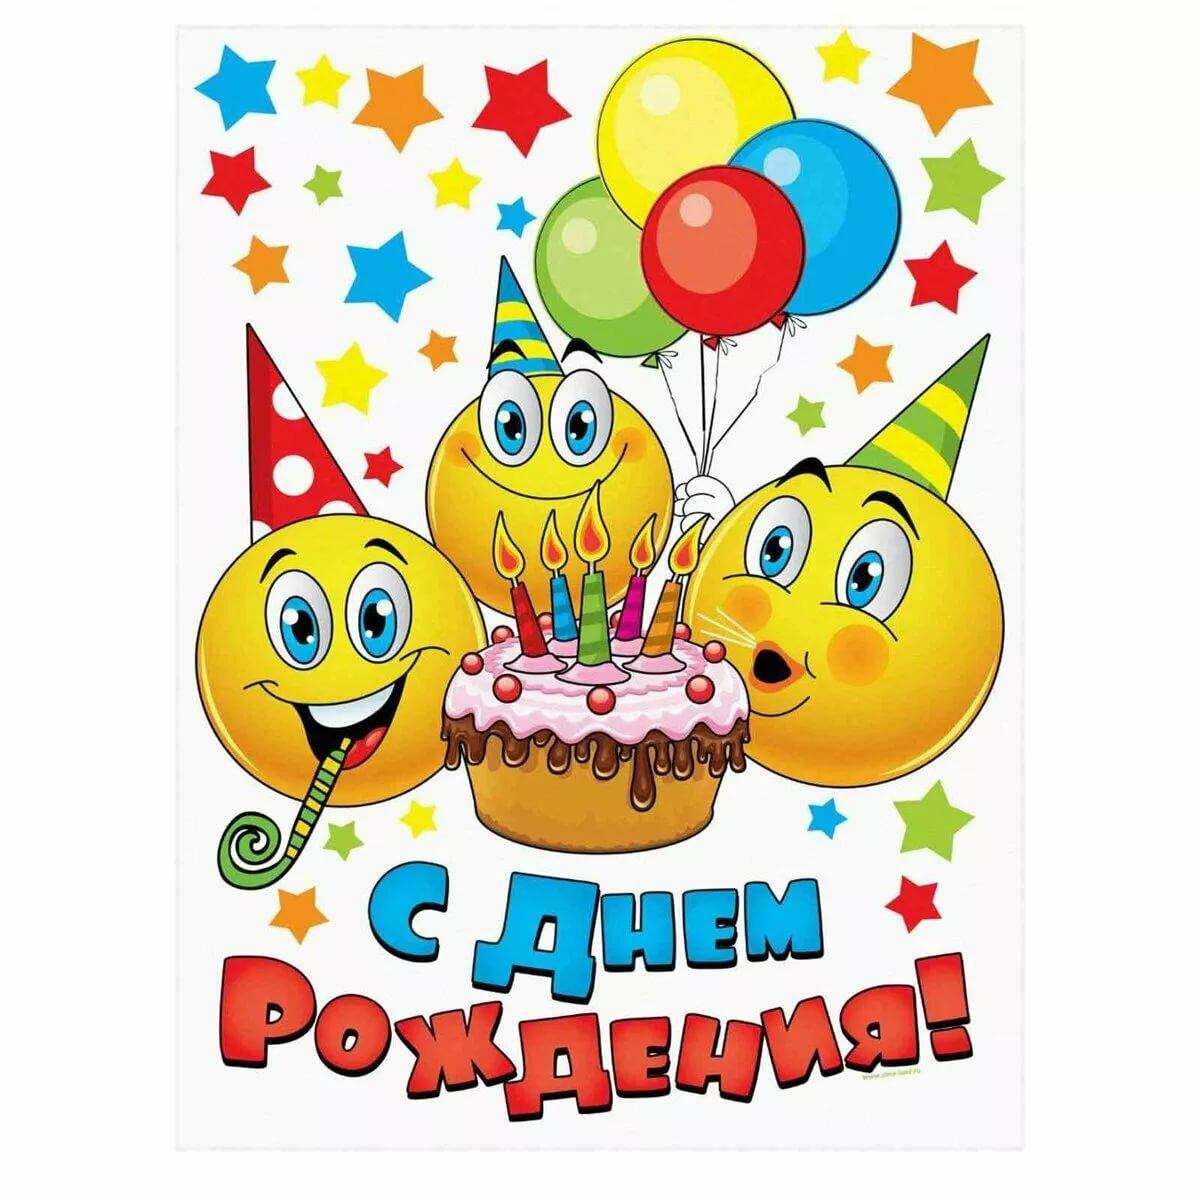 Тасочные поздравление с днем рождения